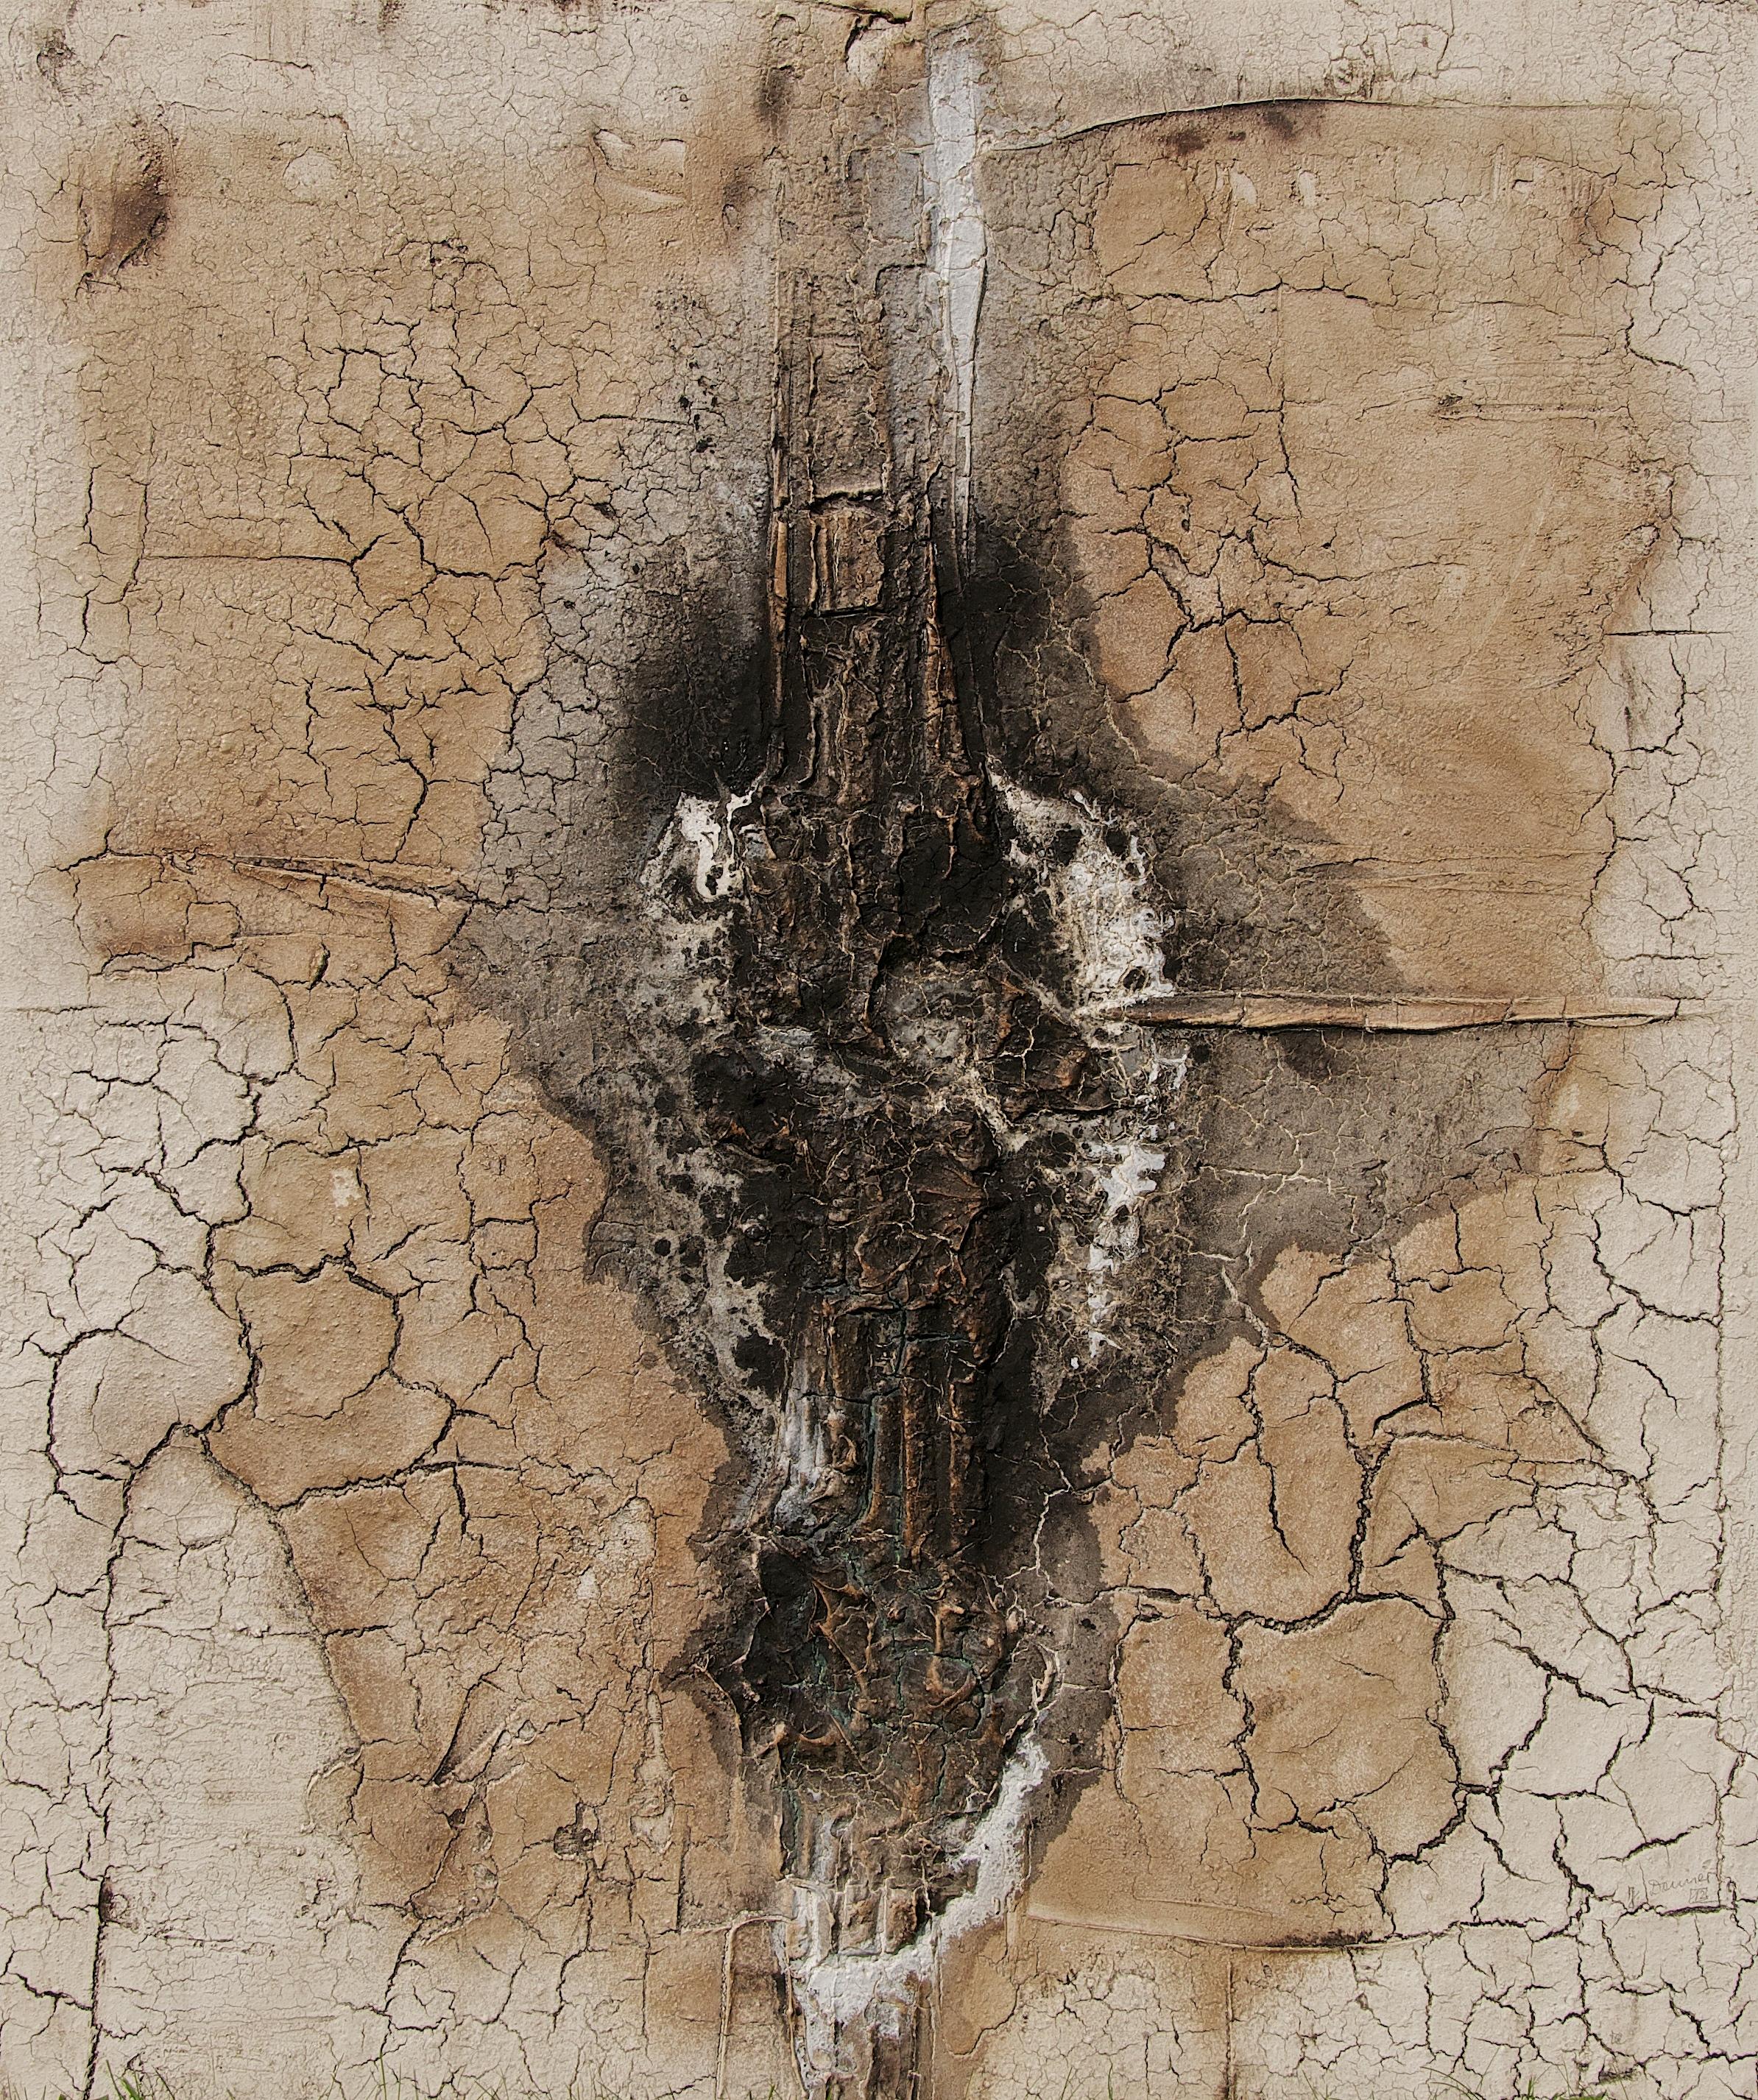 Leinwand_Marmormehl_Pigmente_Mohnöl_Beize_Dispersionsbinder_100 x 120 cm